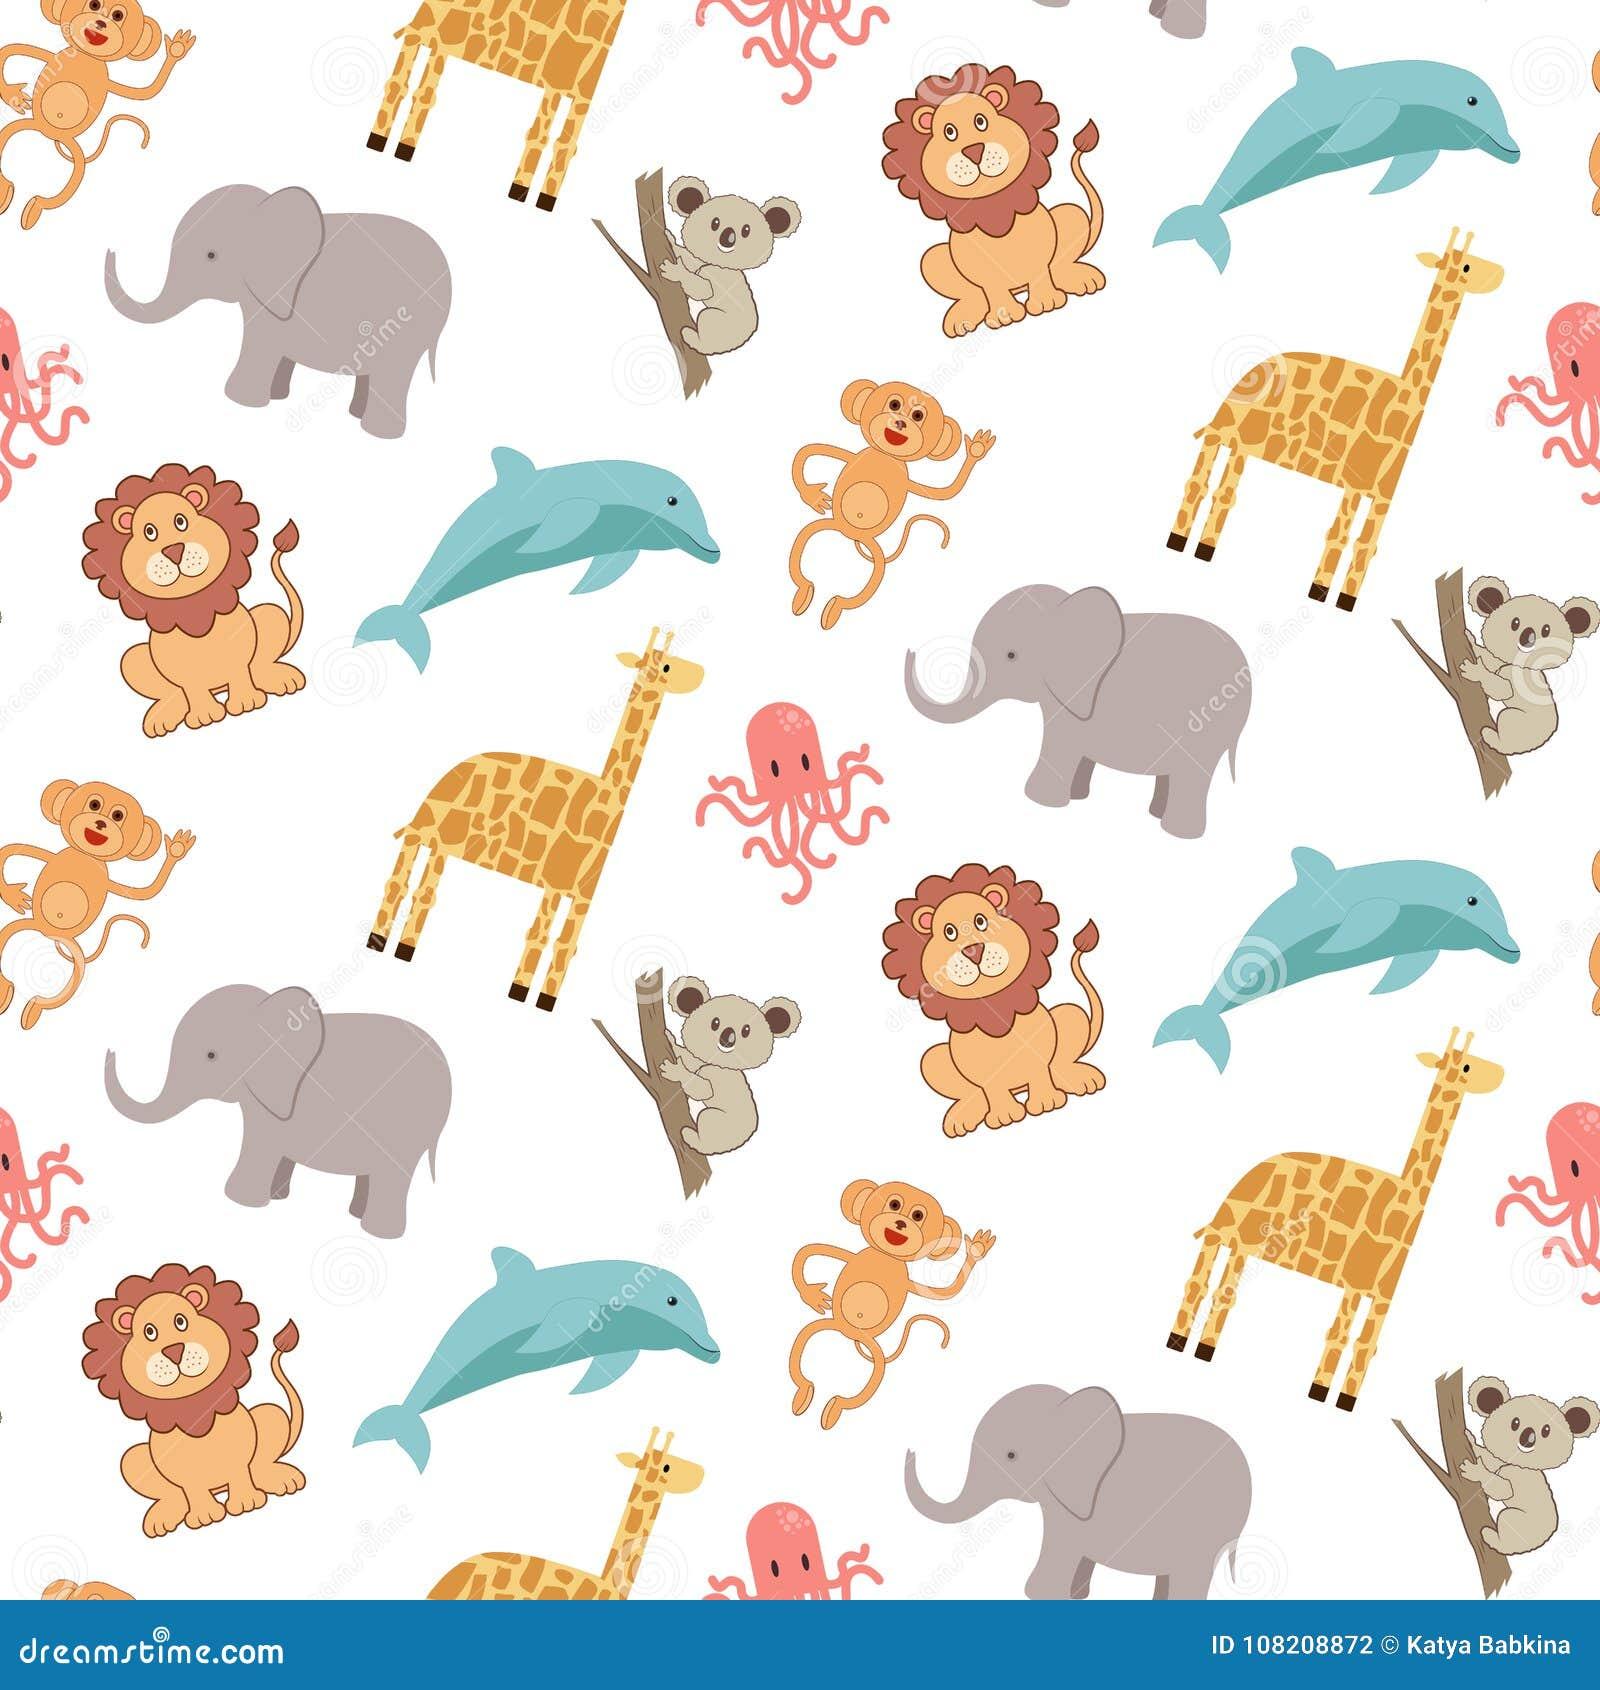 Χαριτωμένο άνευ ραφής σχέδιο με τα ζώα: ελέφαντας, giraffe, λιοντάρι, πίθηκος, koala, δελφίνι και χταπόδι